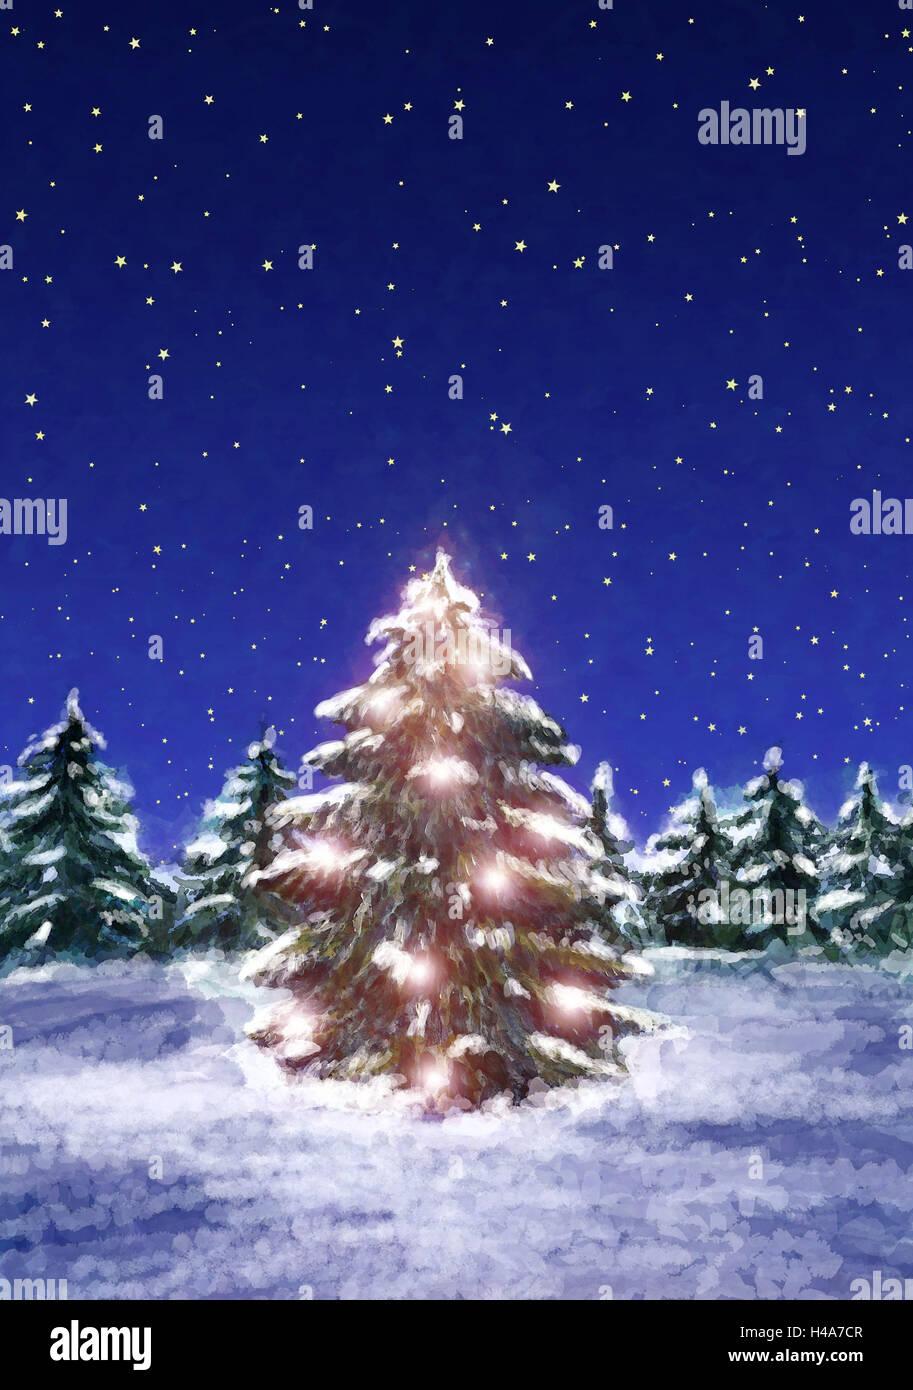 Abbildung, Weihnachtsbaum, Abend, Zeichnung, Malerei, Weihnachten ...